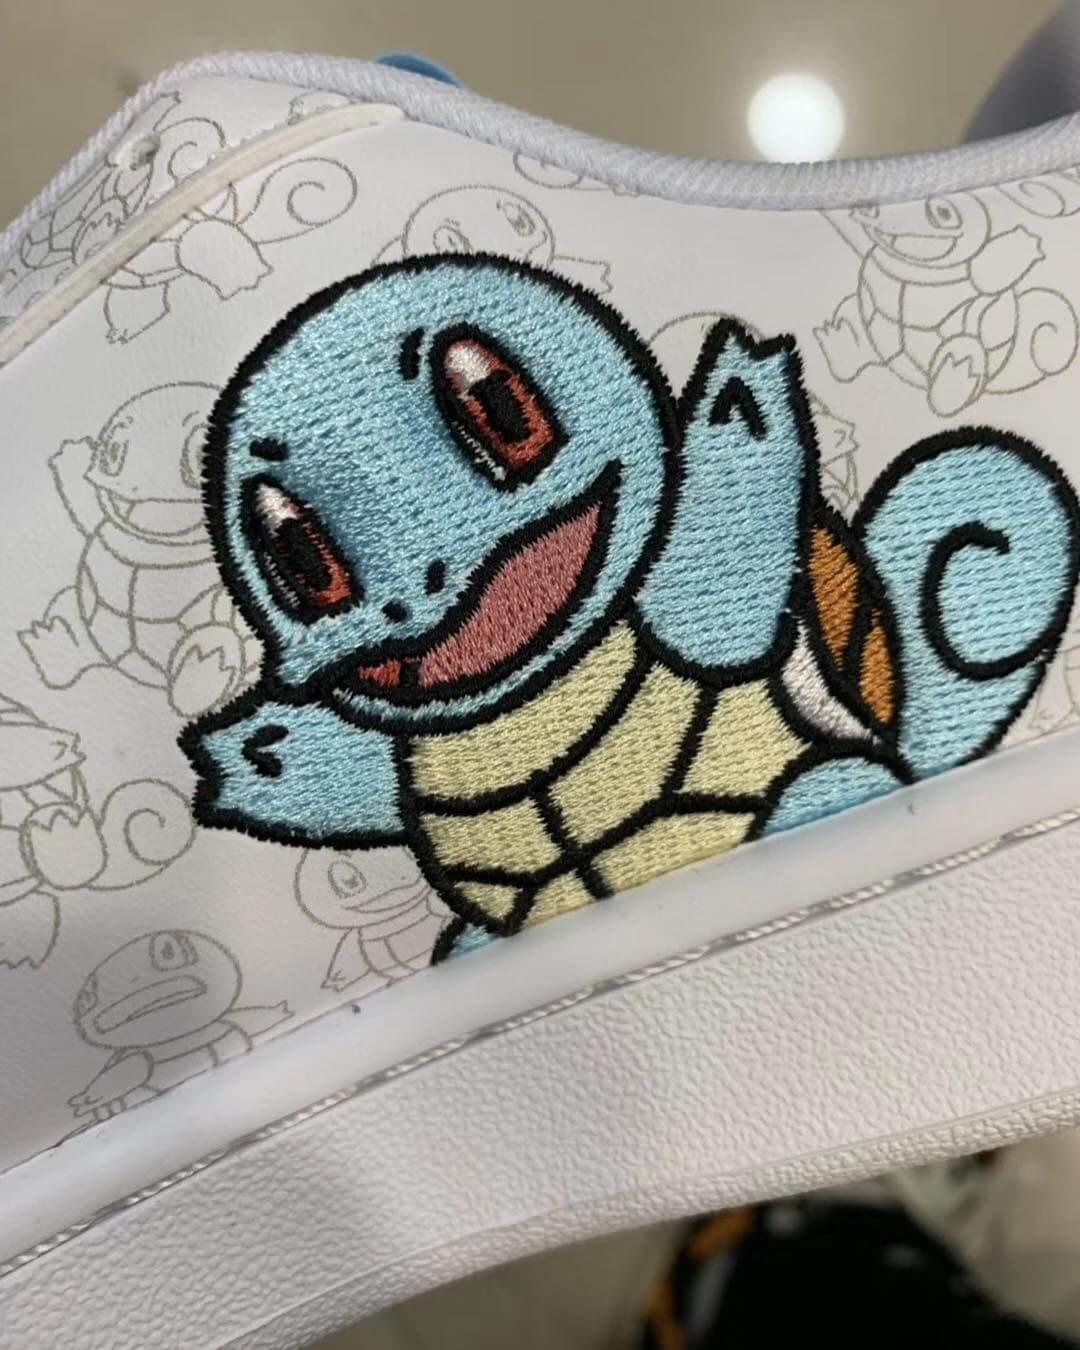 Parte de la rumorada nueva colección de Pokémon x adidas Originals. Imagen: @hugokickz/Instagram